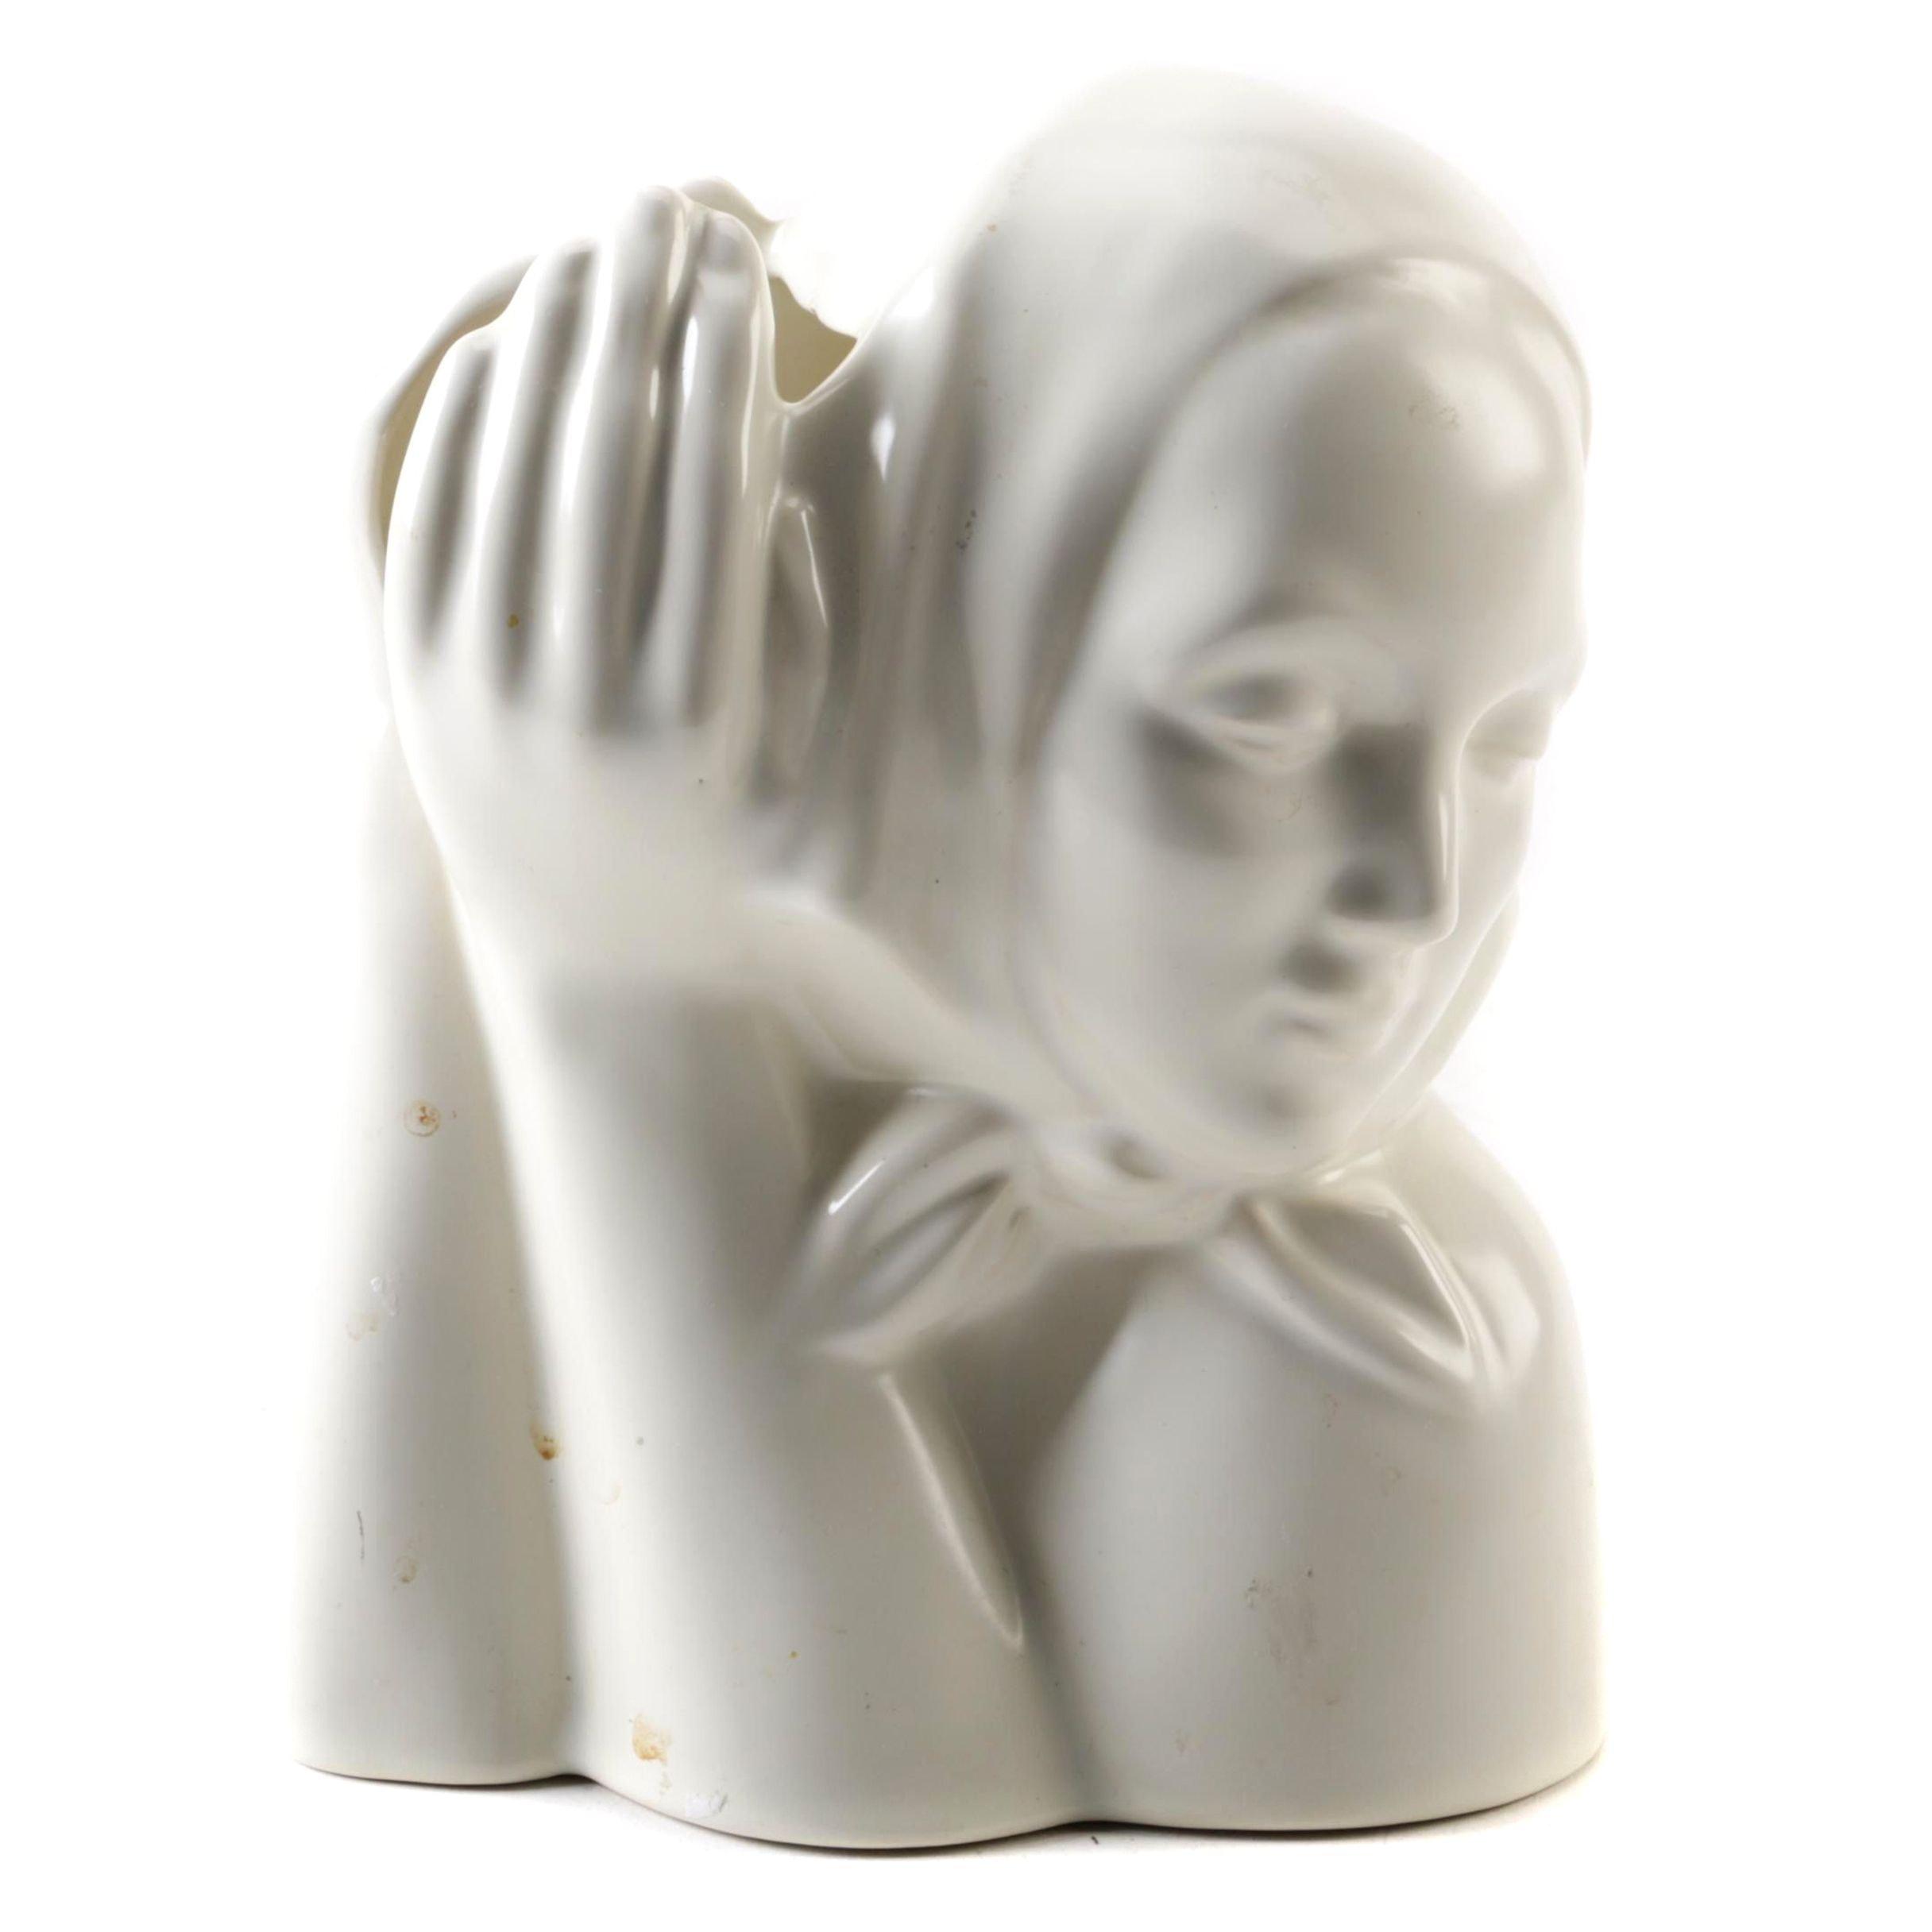 Catalina Pottery White Ceramic Figural Planter Circa 1940s